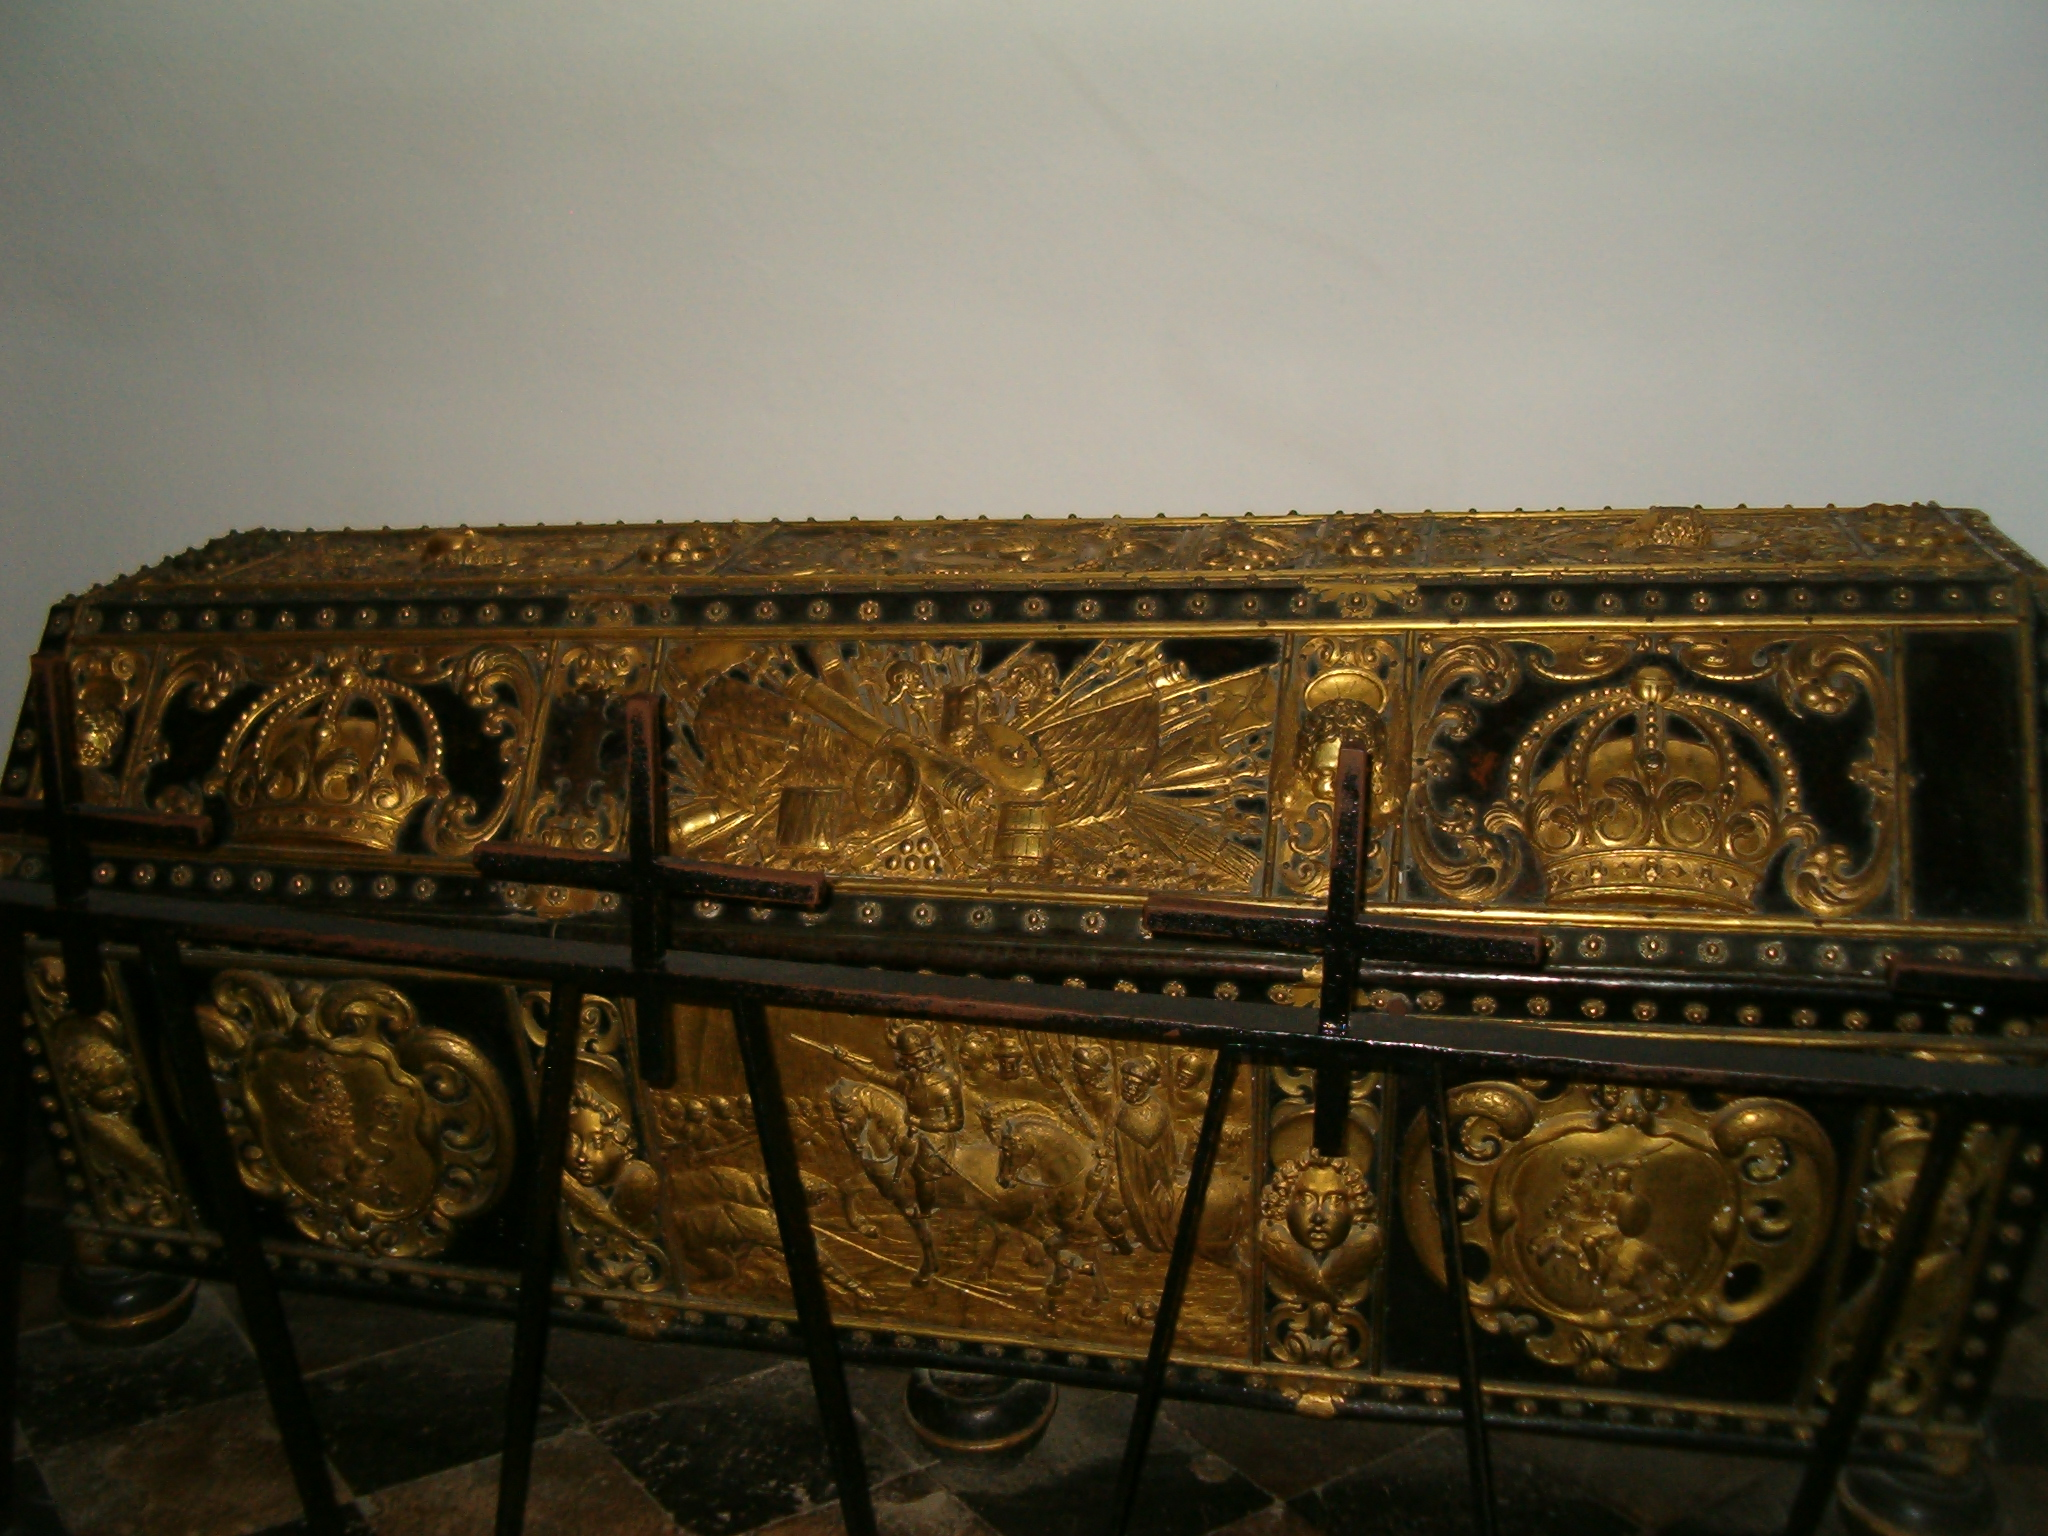 File:Sarkofag Władysława IV Wazy.jpg - Wikimedia Commons